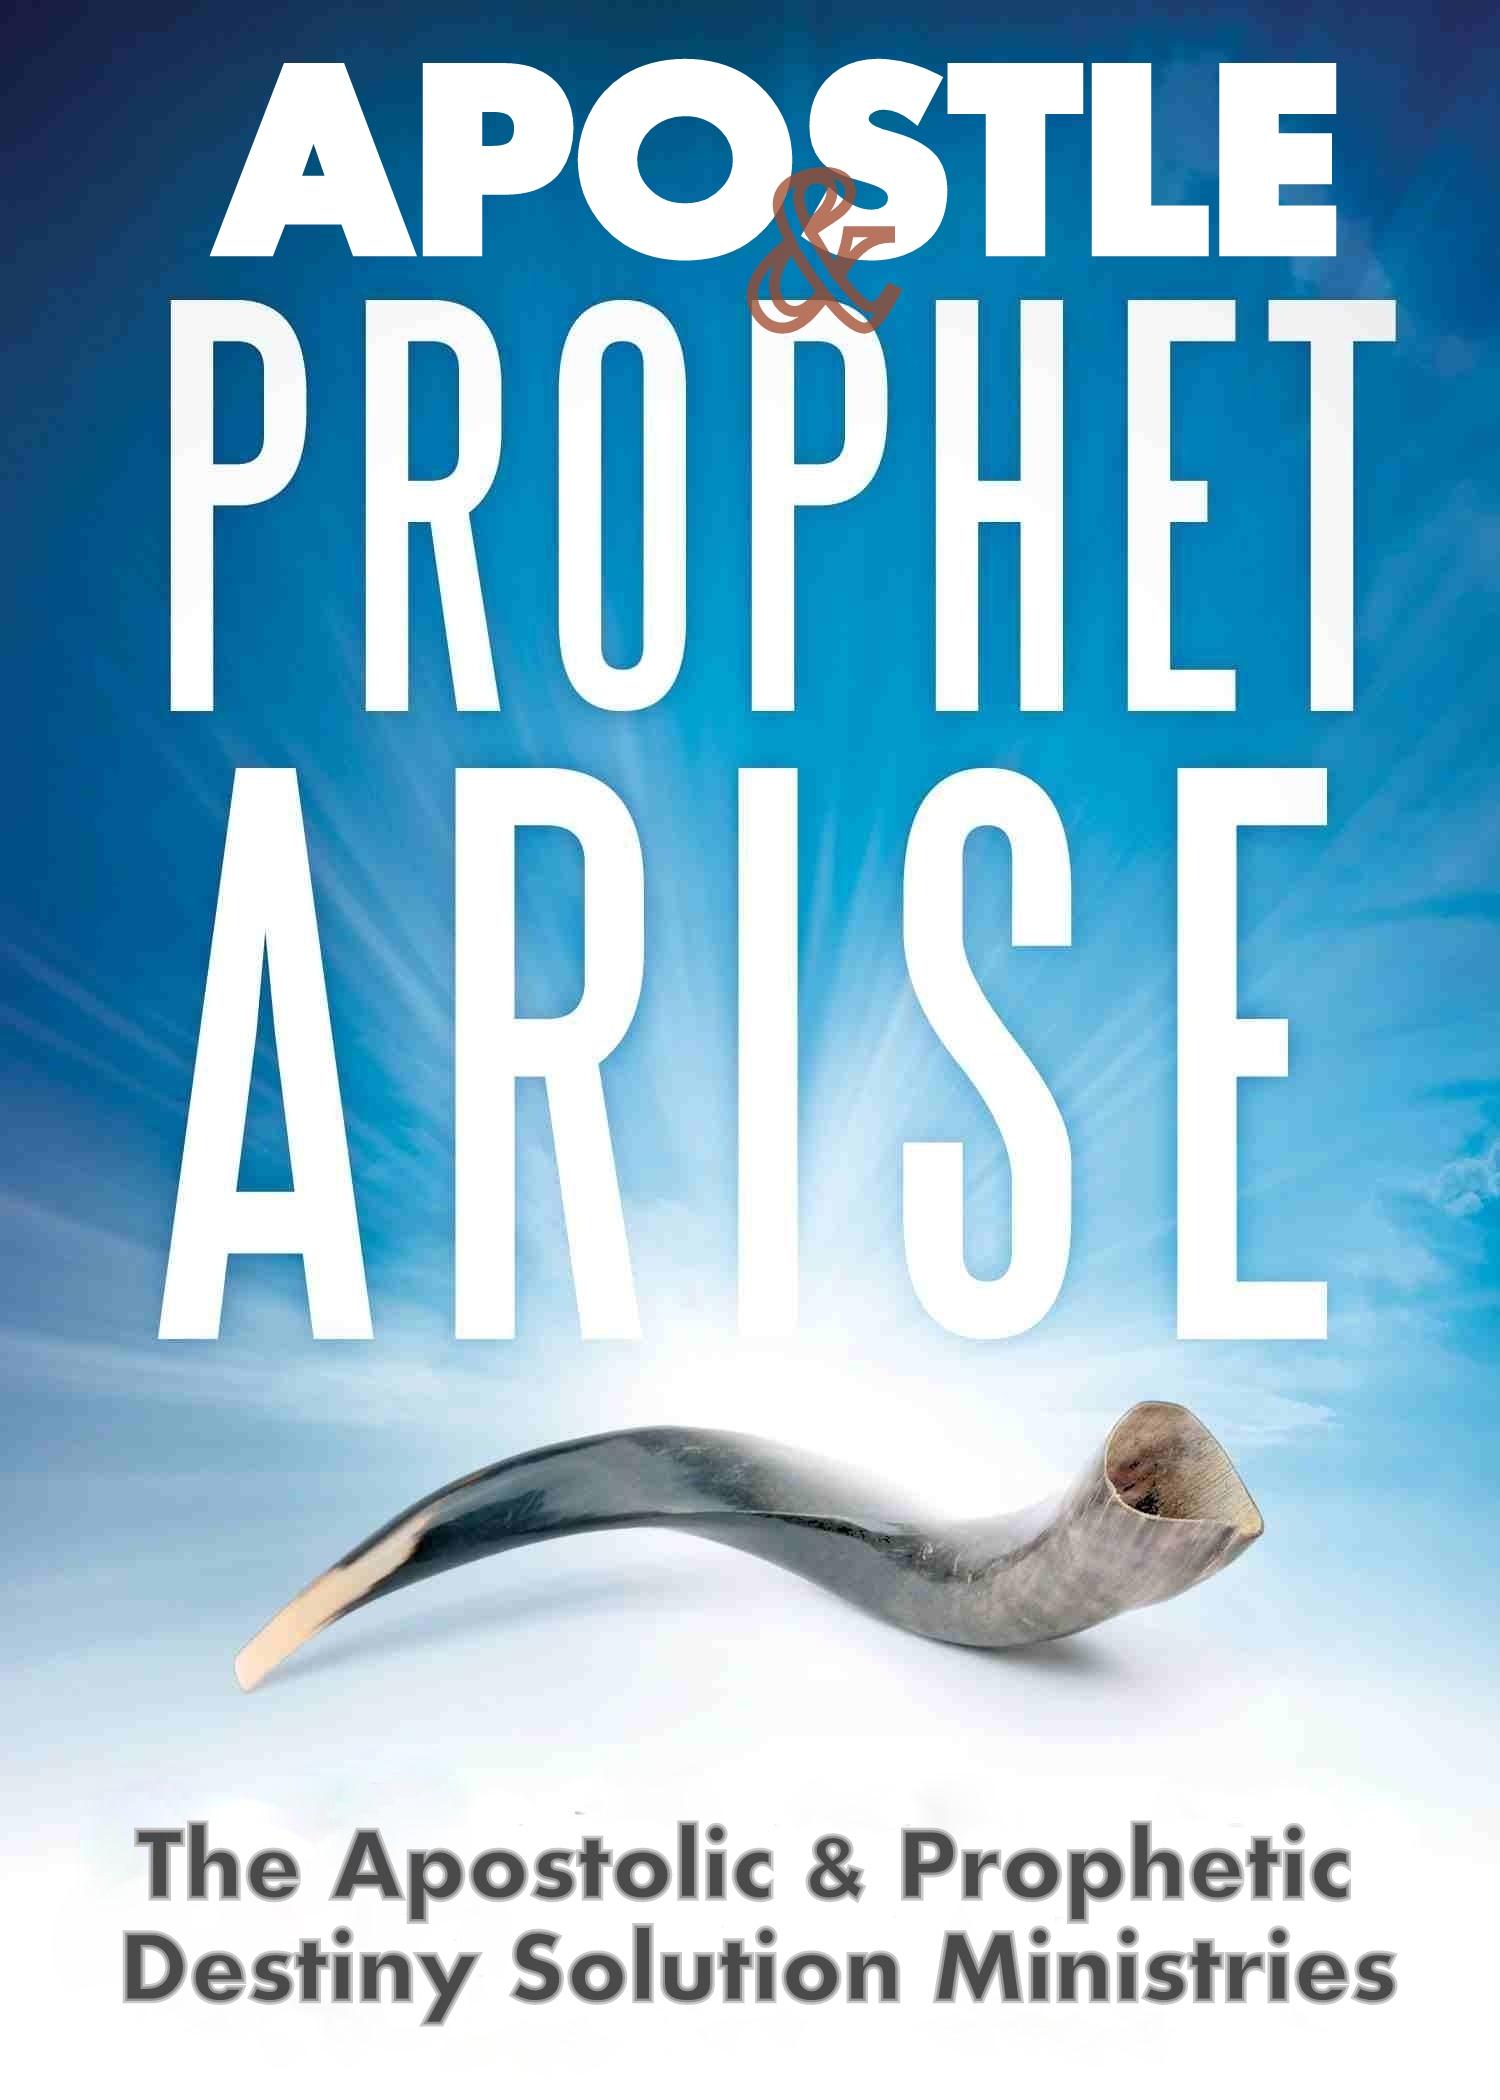 APOSTLE-PROPHET ARISE